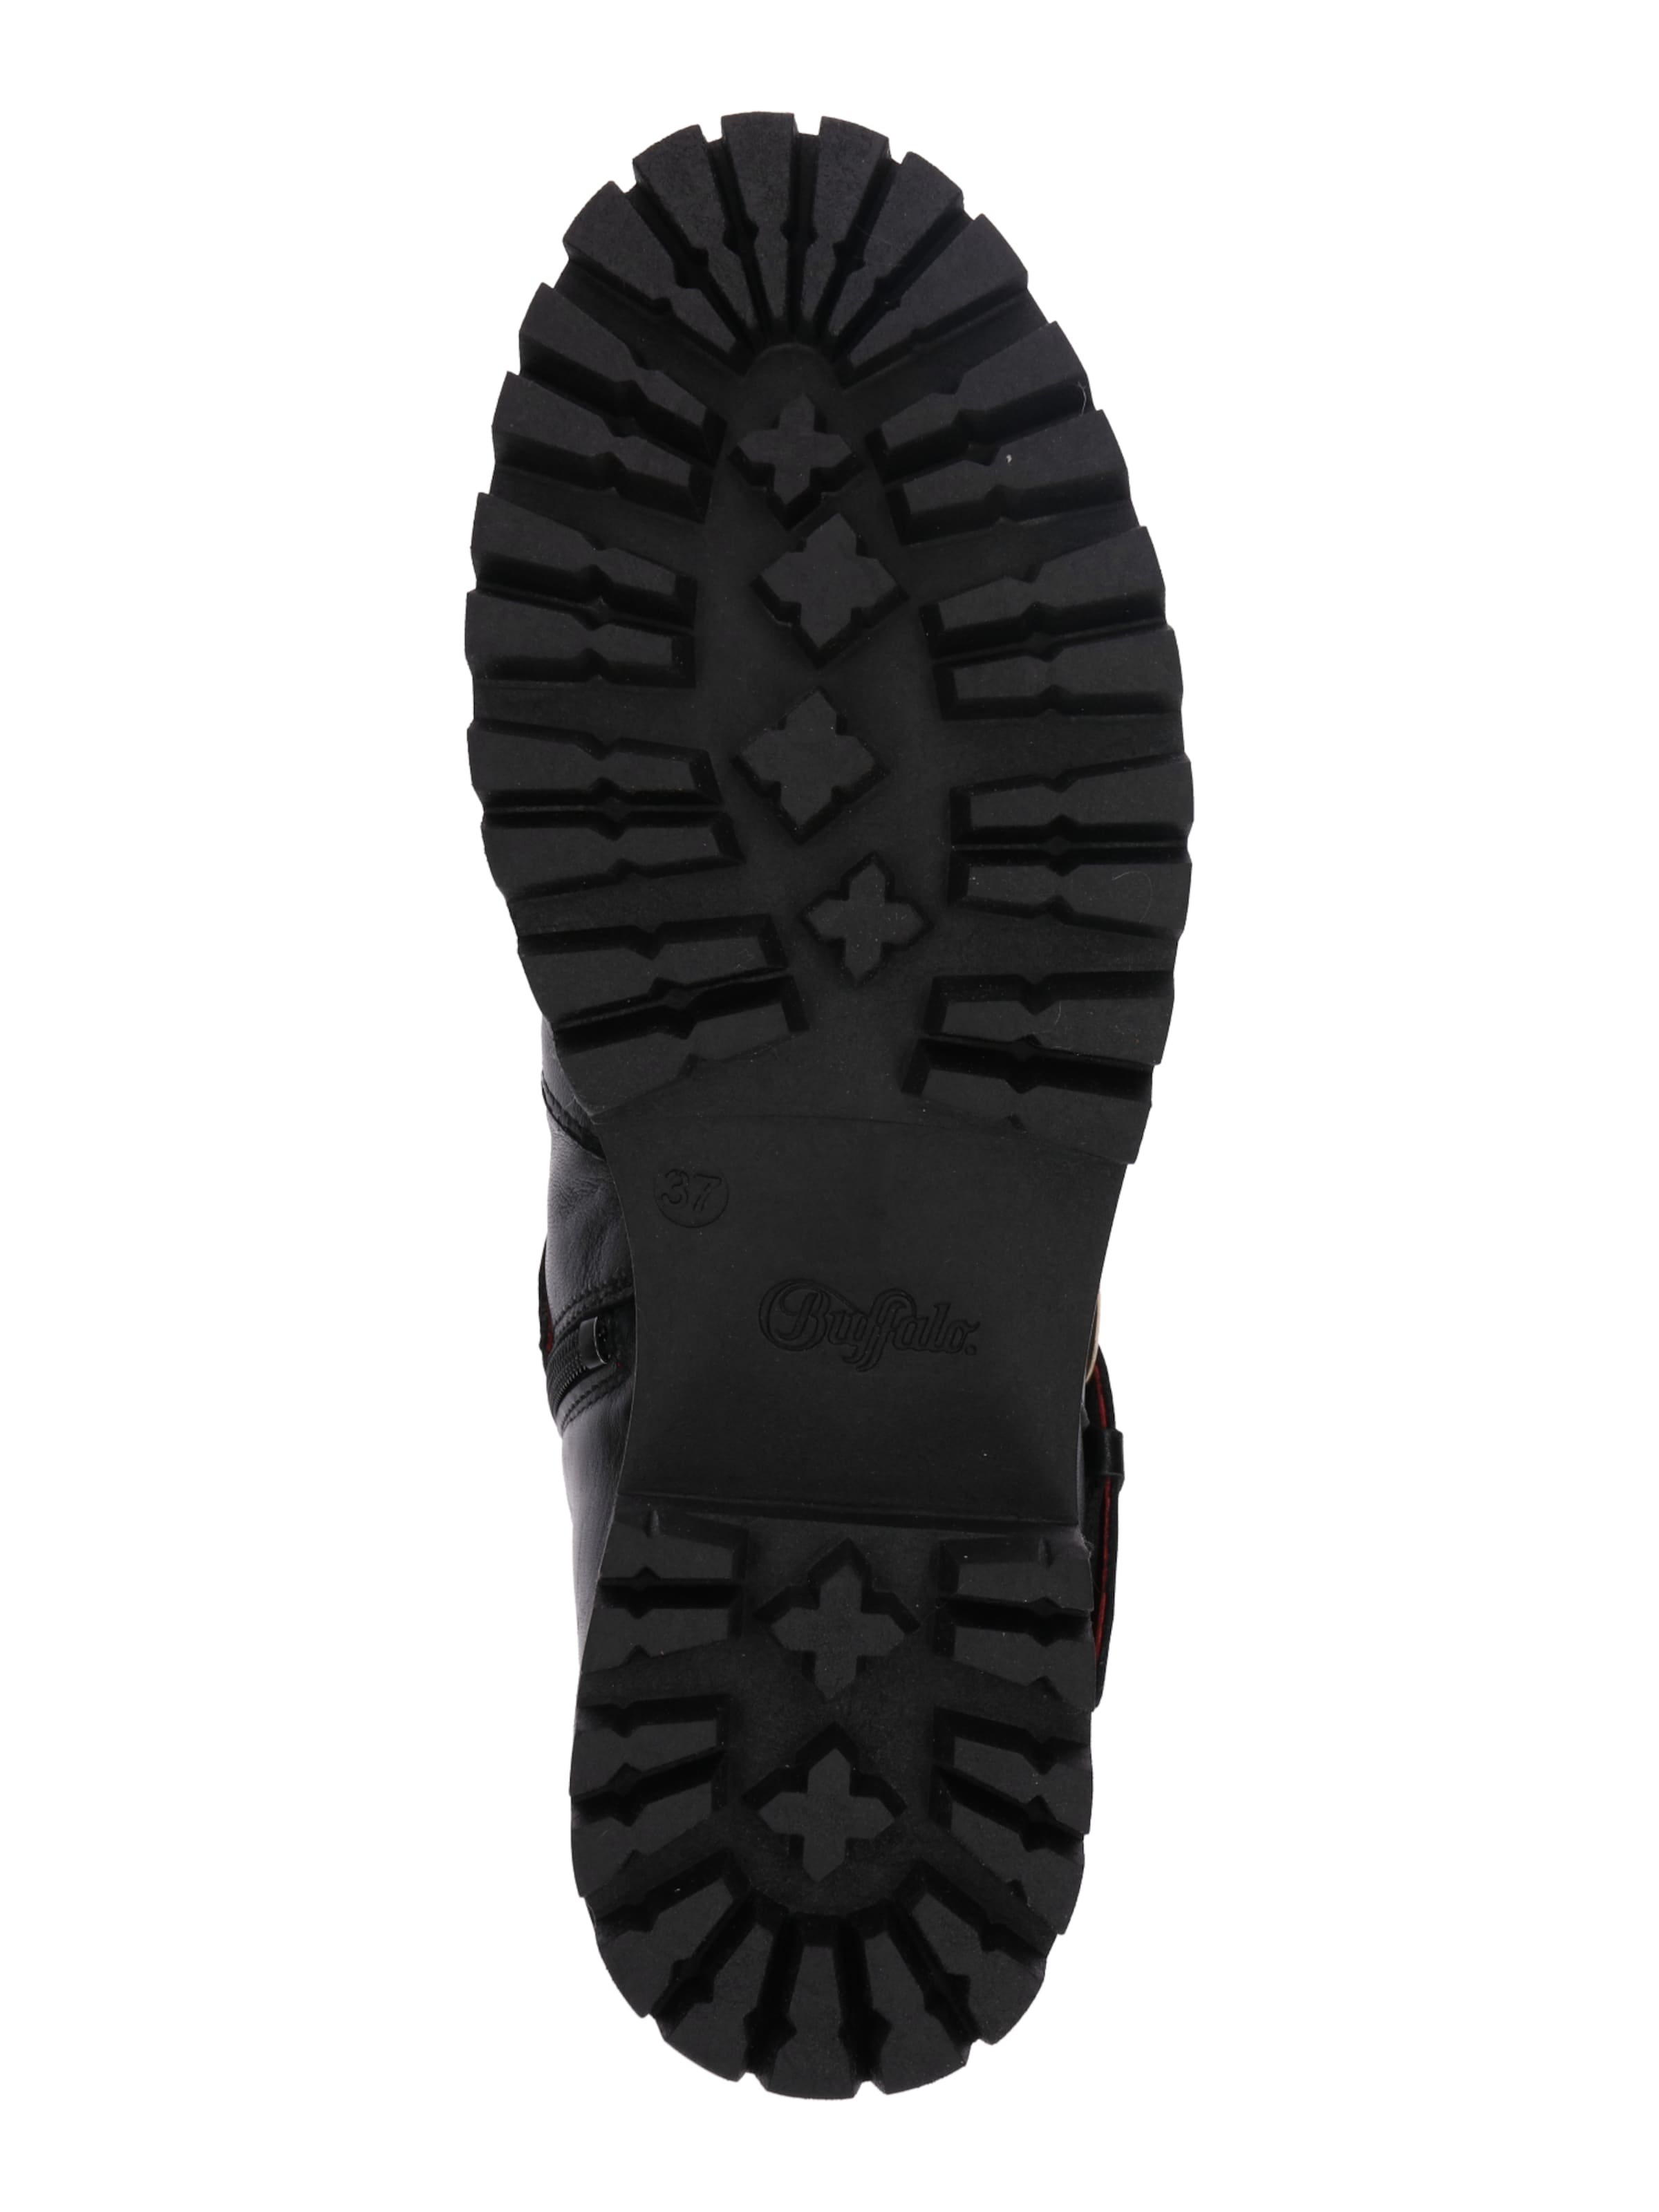 BUFFALO Stiefel Stiefel Stiefel 'MORN Leder Verkaufen Sie saisonale Aktionen 5f98df